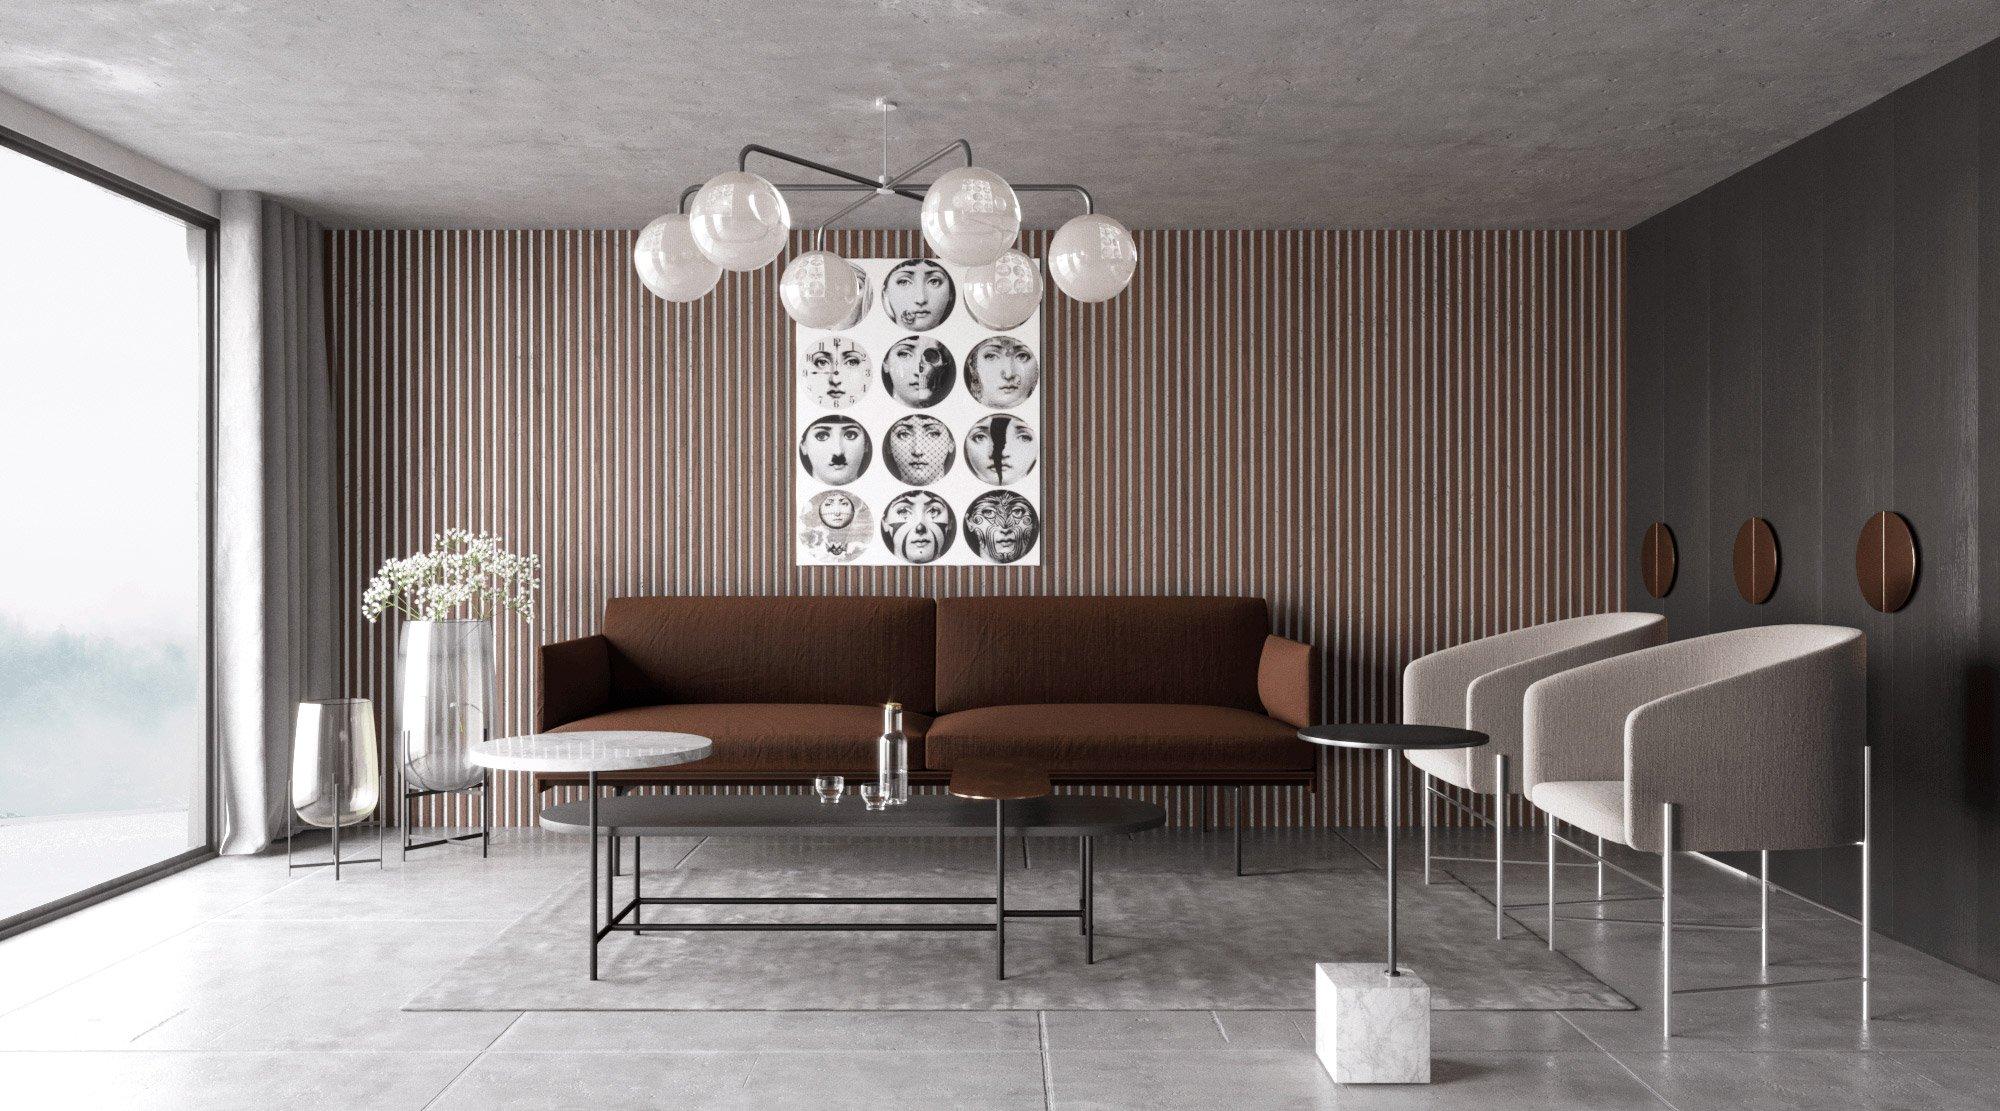 Salon z nowoczesnym wystrojem